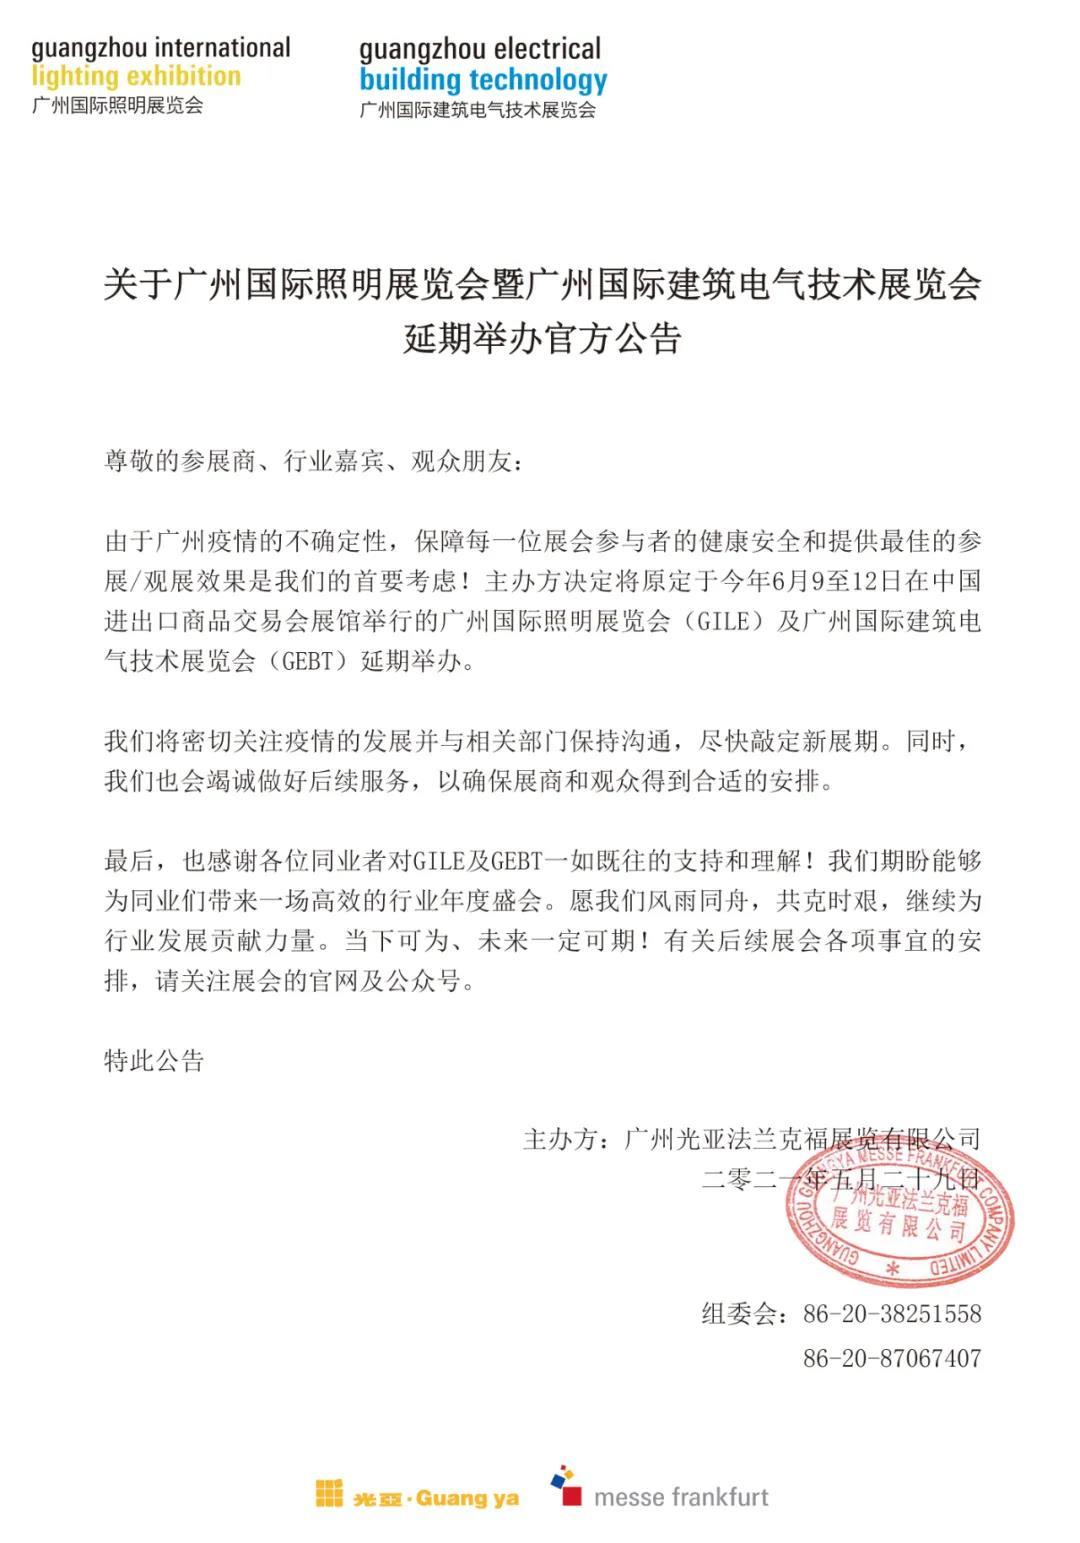 第18届广州国际建筑电气技术展览会延期公告